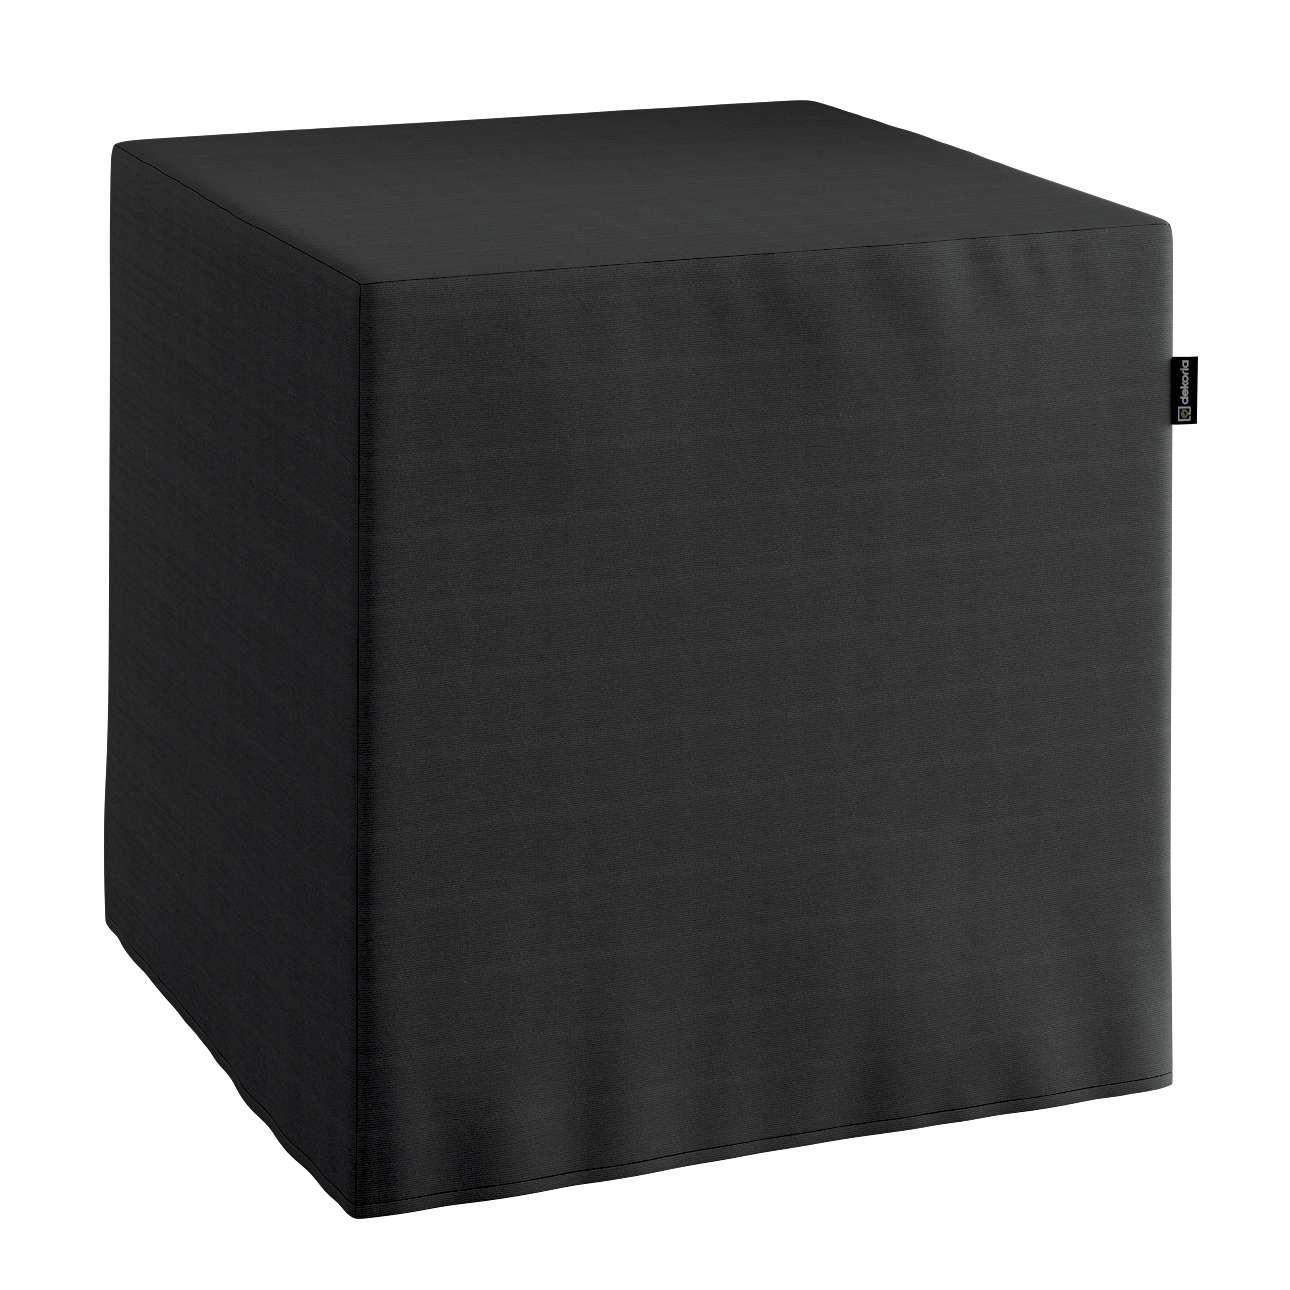 Bezug für Sitzwürfel, schwarz, Bezug für Sitzwürfel 40x40x40 cm, Jupiter | Wohnzimmer > Hocker & Poufs > Sitzwürfel | Dekoria